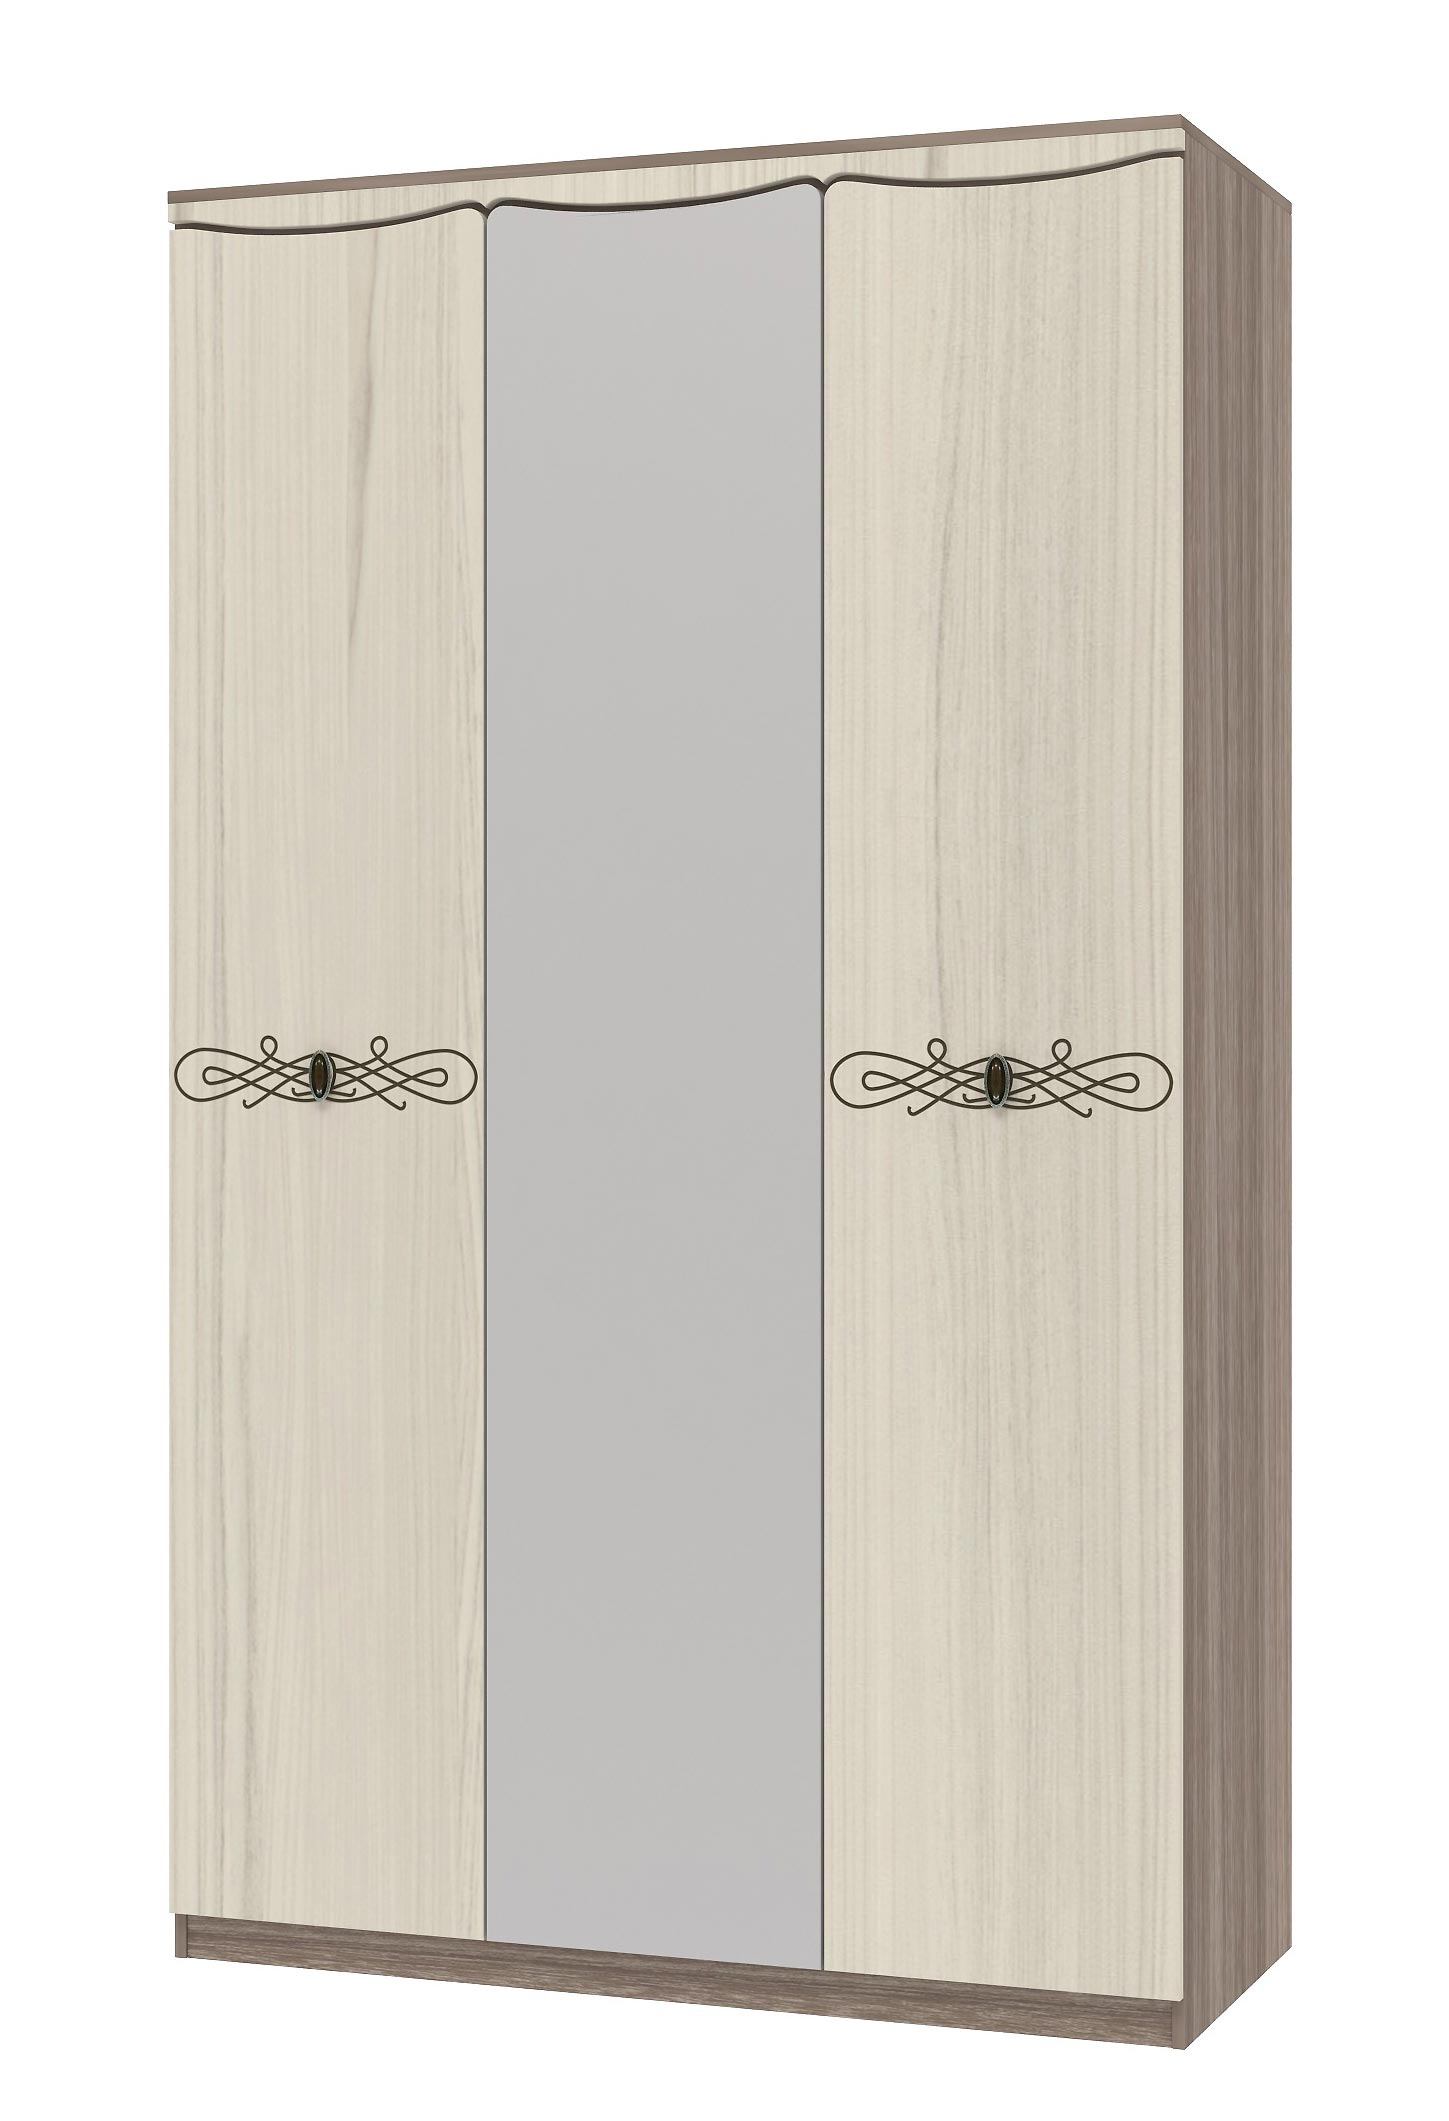 Шкаф 3х дверный для платья и белья Интеди Жасмин, ИД 01.383